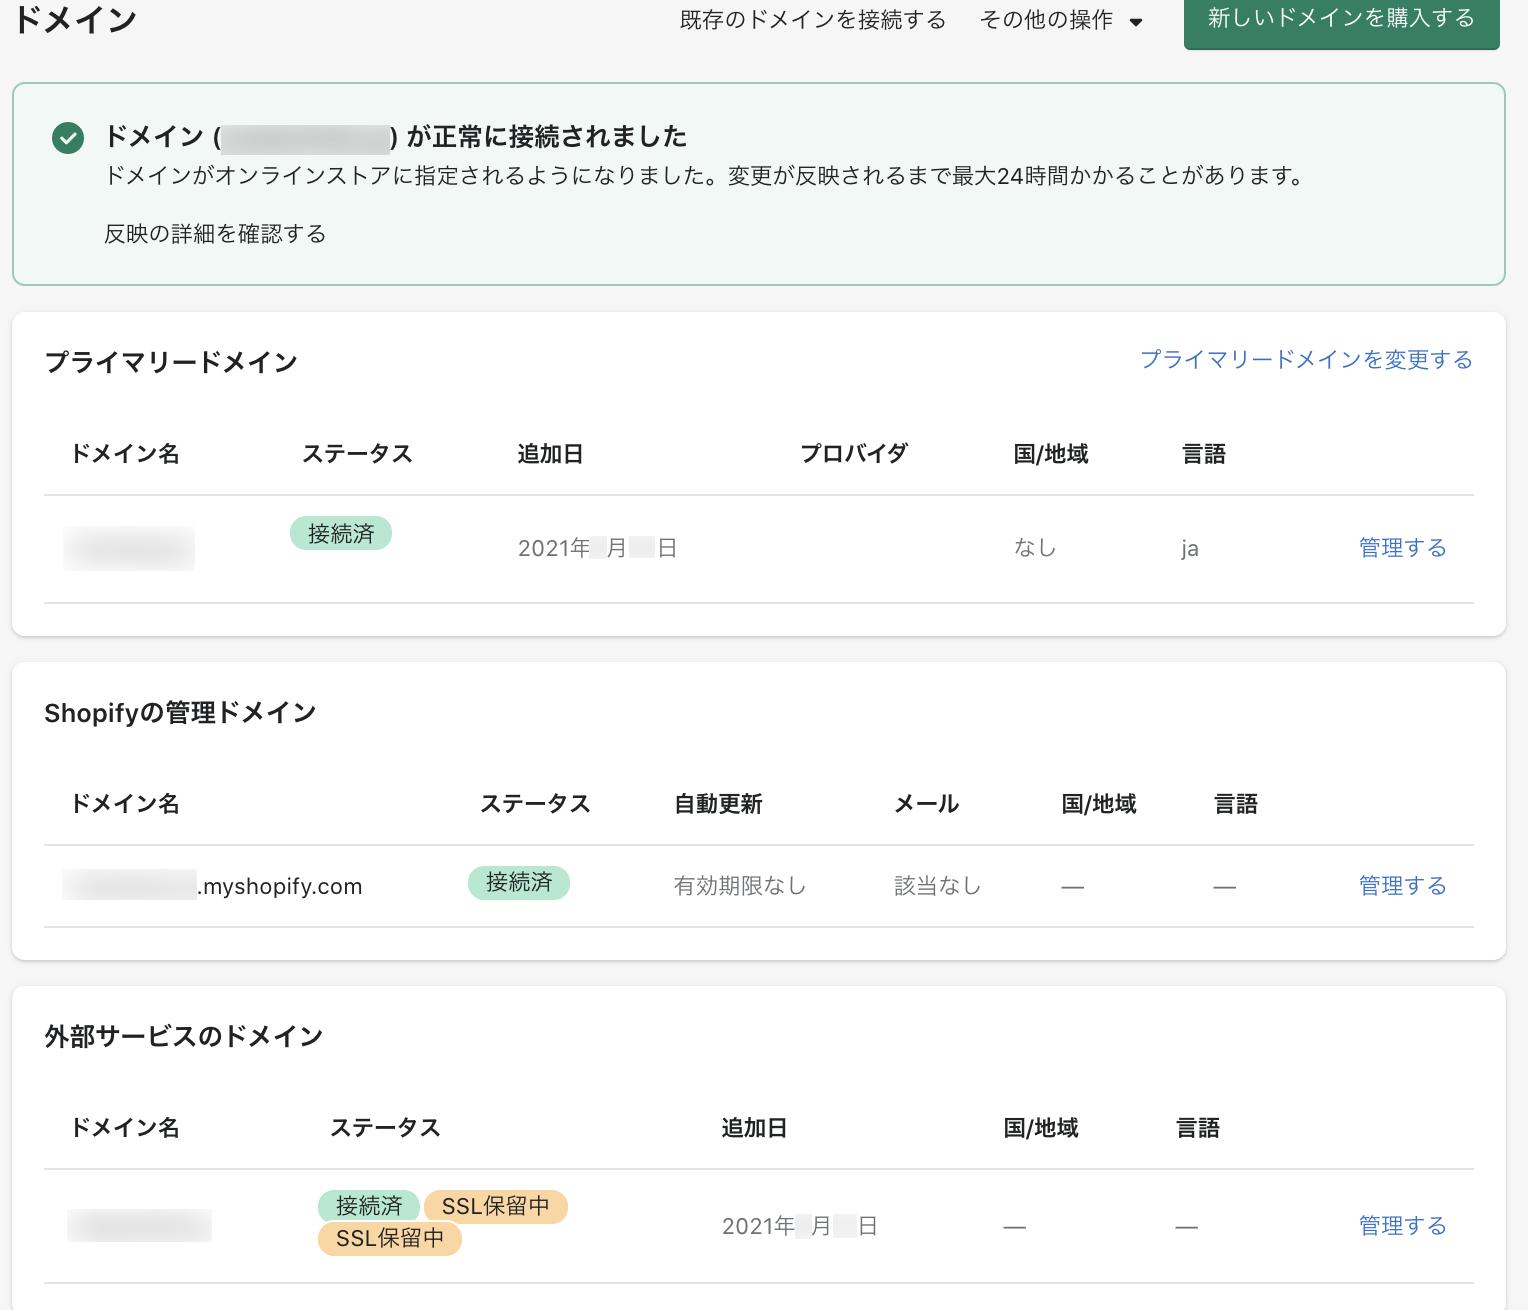 アイキャッチ画像:Shopify で既存ドメインを新しいドメインに変更する